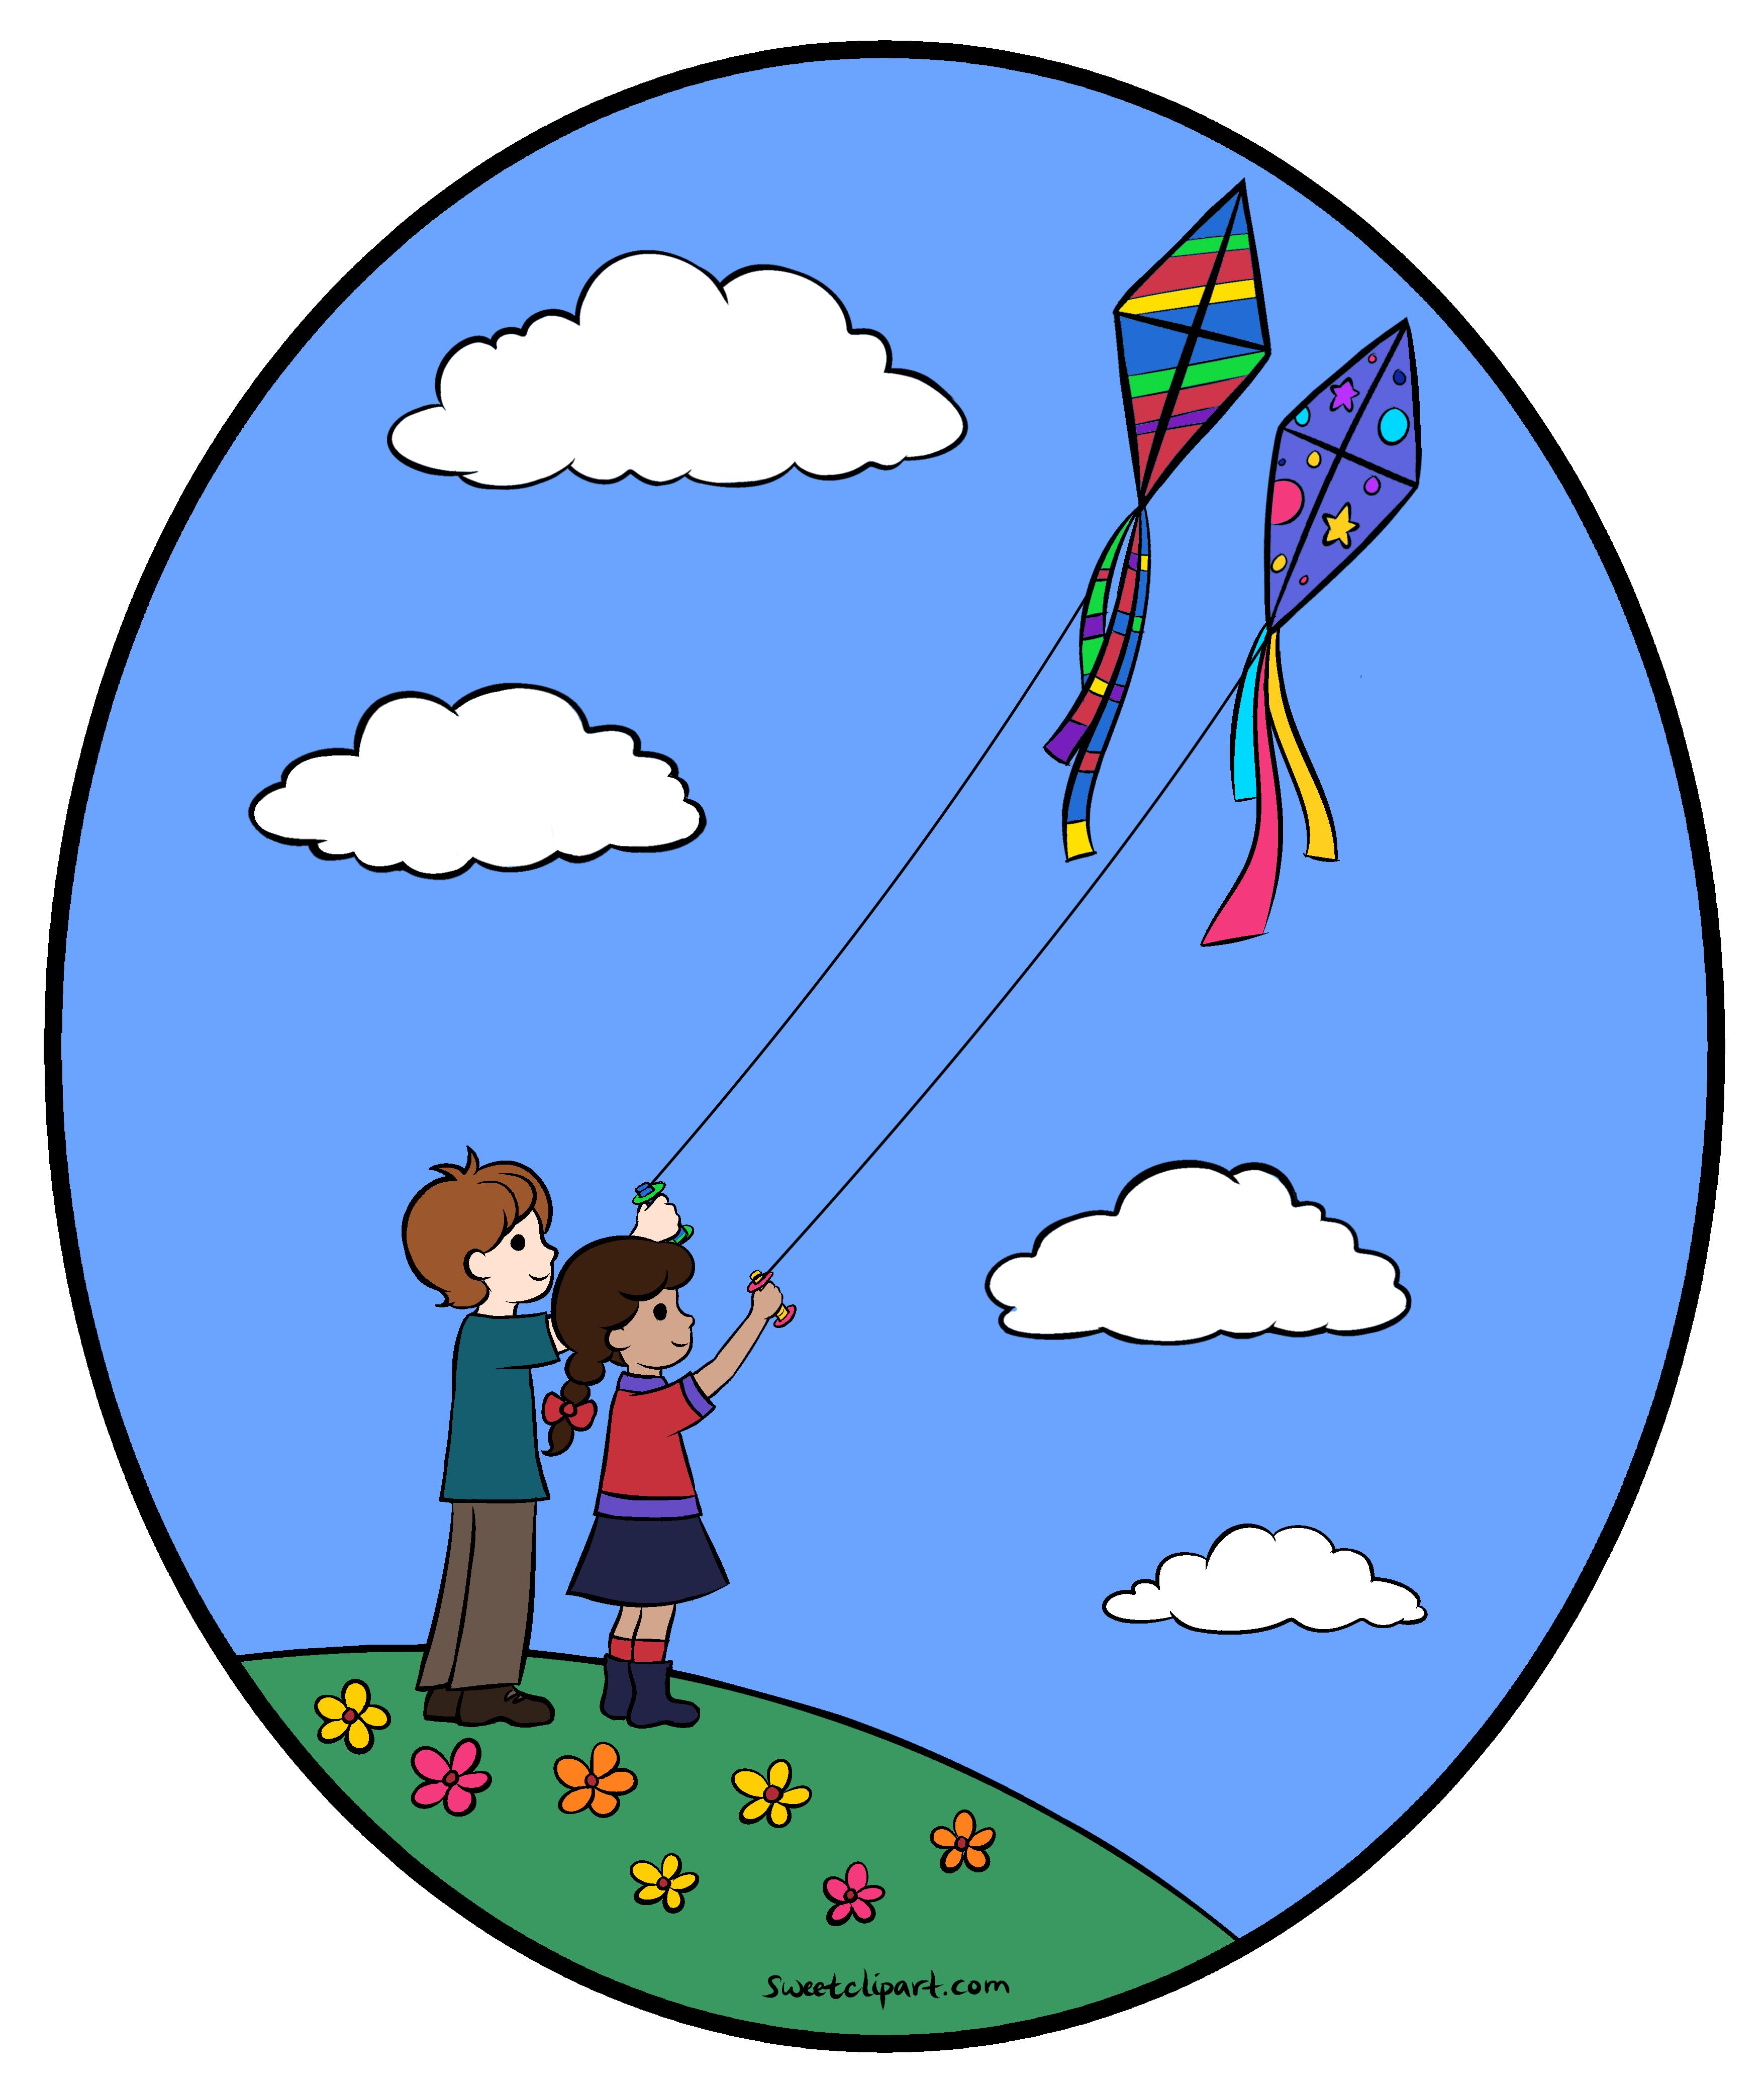 flying kite illustration - photo #25